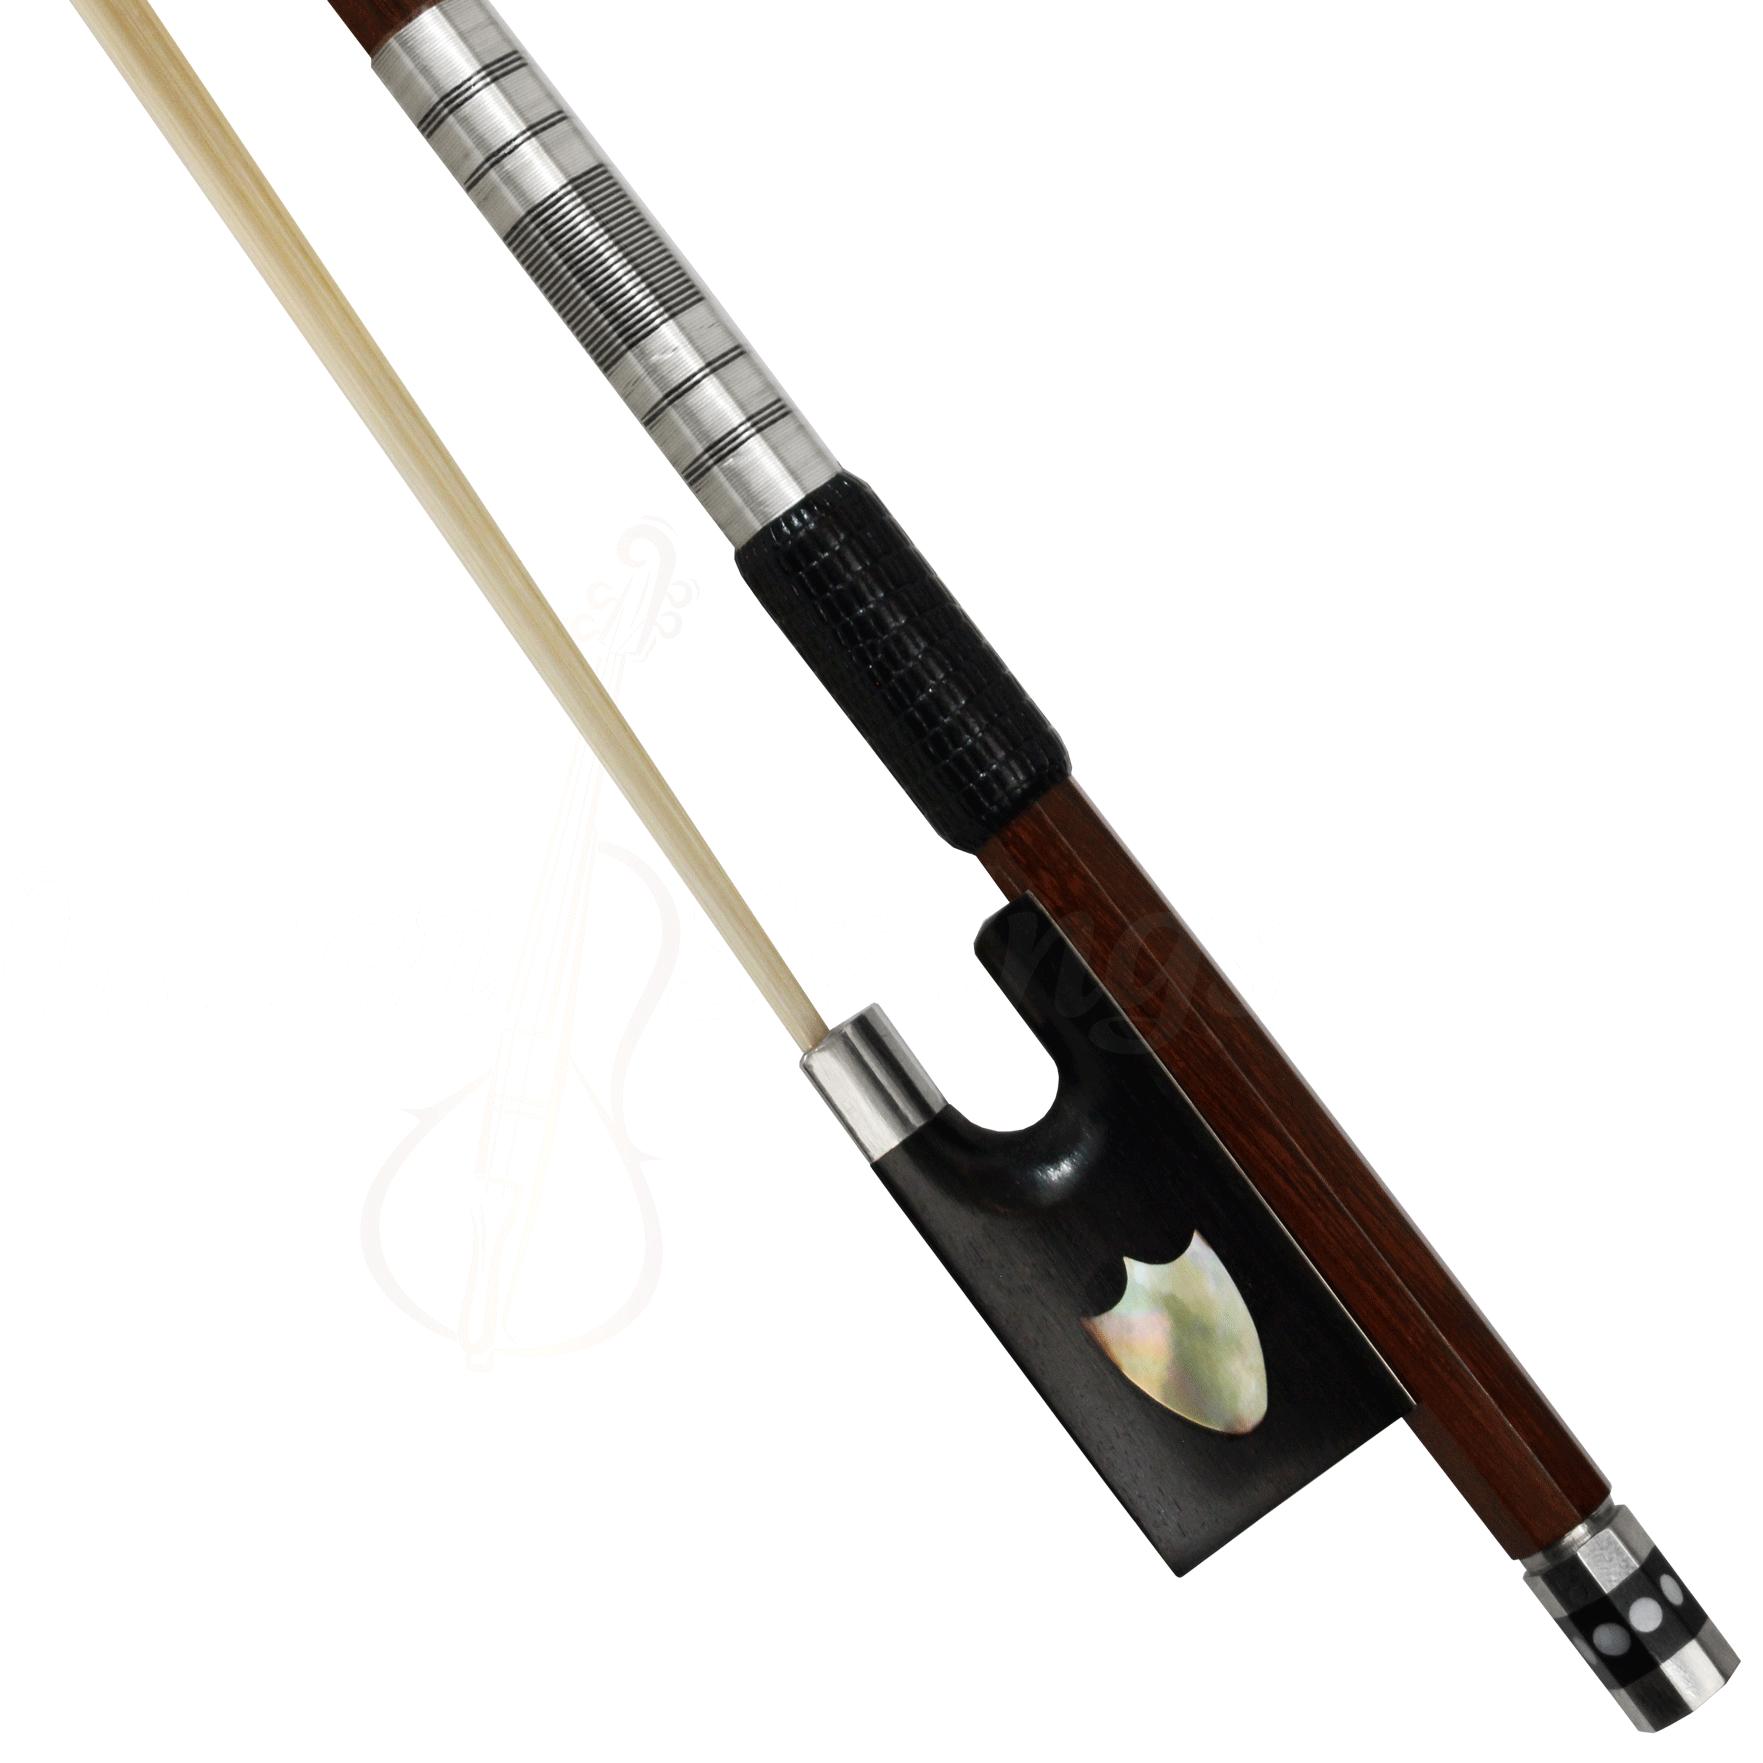 Arco em pau brasil modelo escudo para violino 4/4